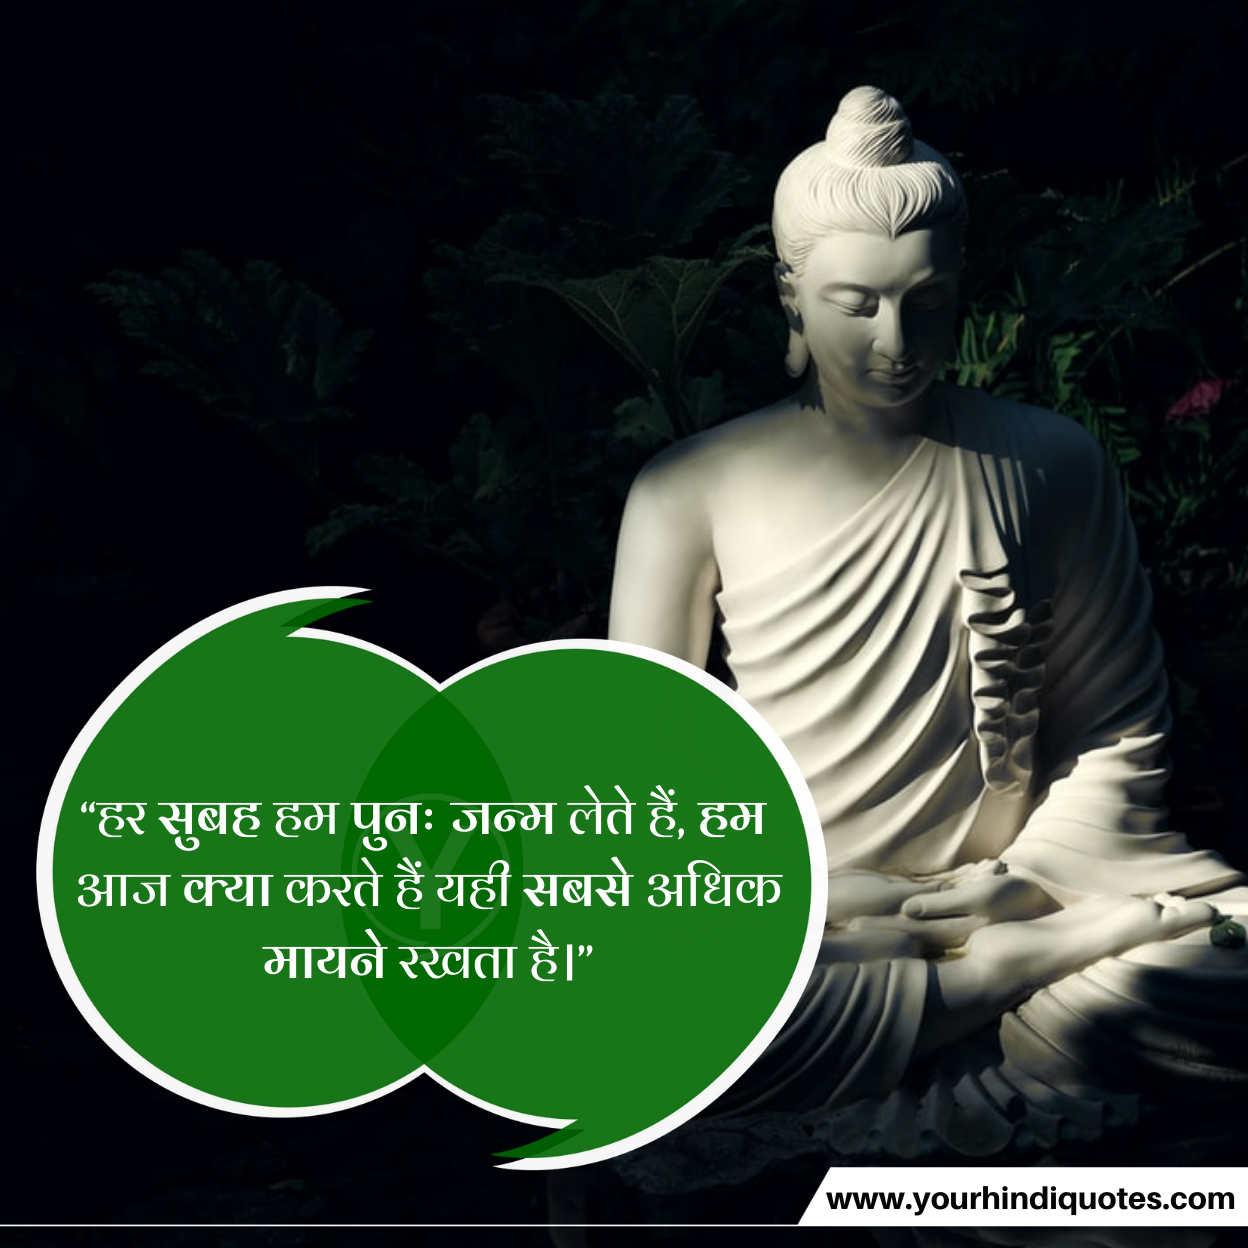 Gautam Buddha Hindi Updesh Image